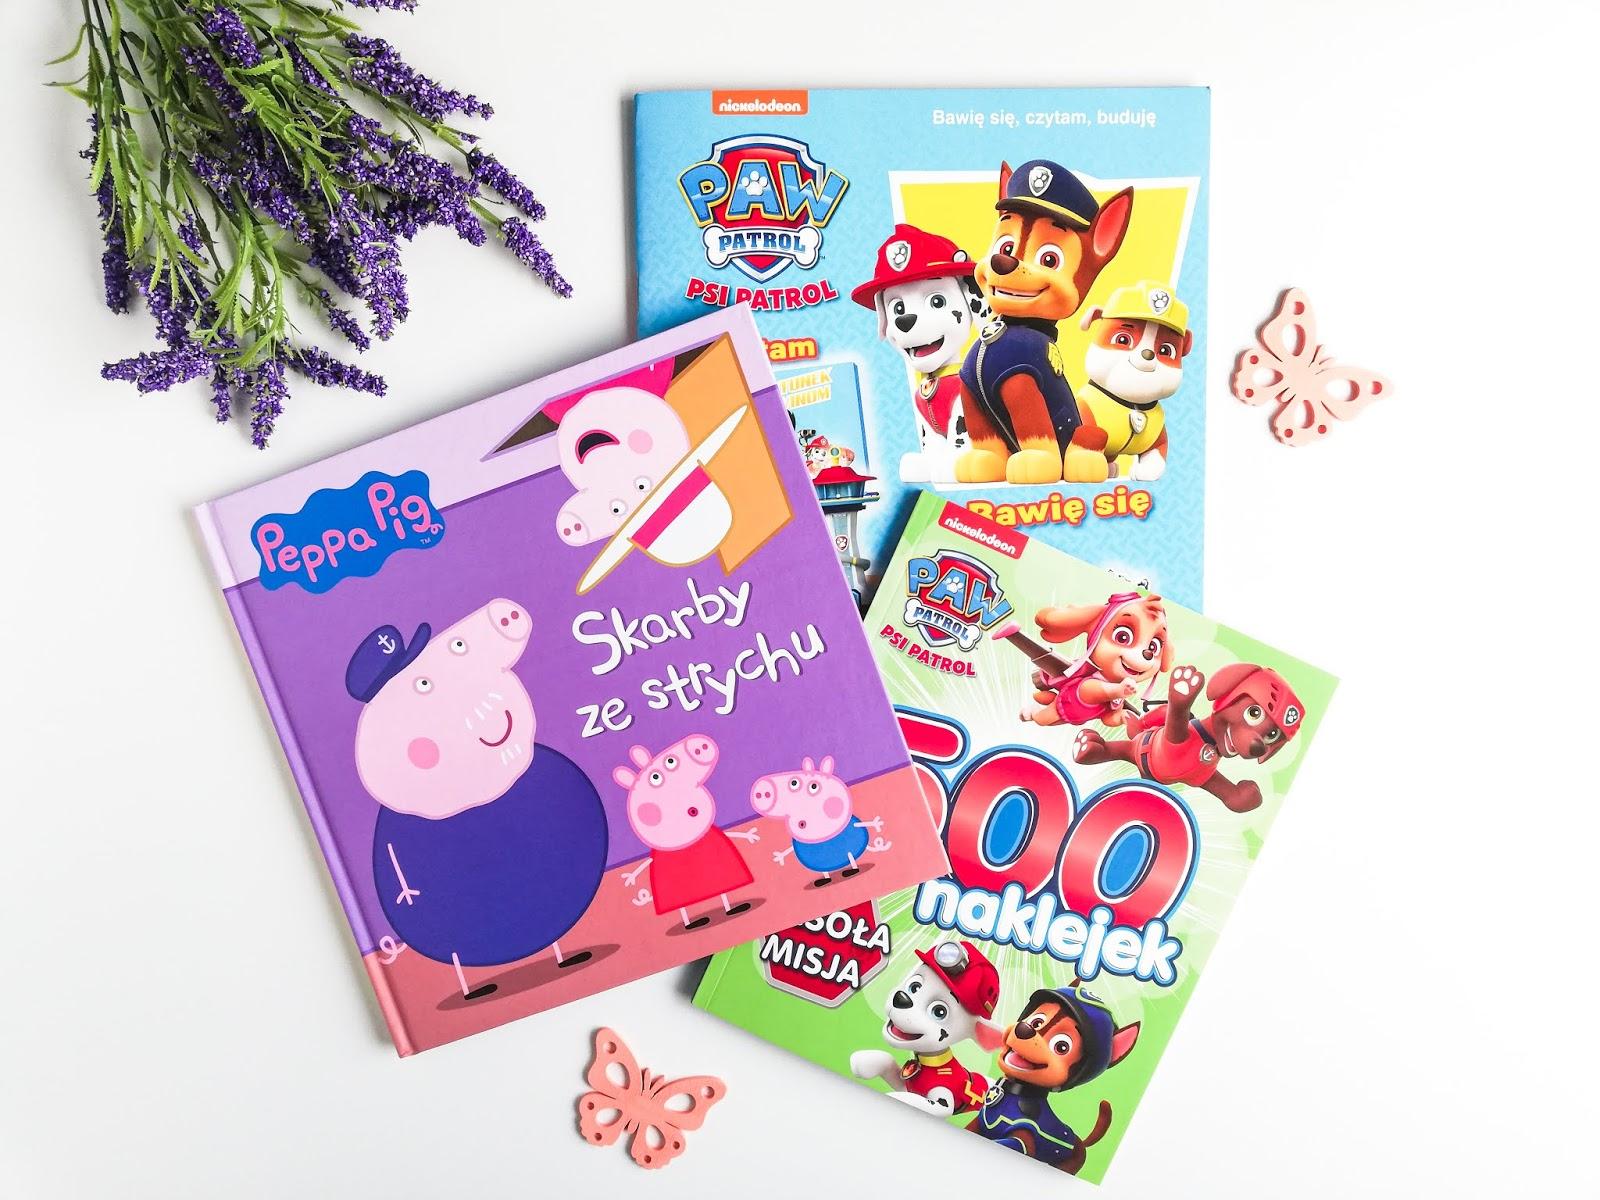 Coś do poczytania, rozwiązywania i świetnej zabawy | Peppa Pig | Paw Patrol | Książeczki dla dzieci od wydawnictwa Media Service Zawada